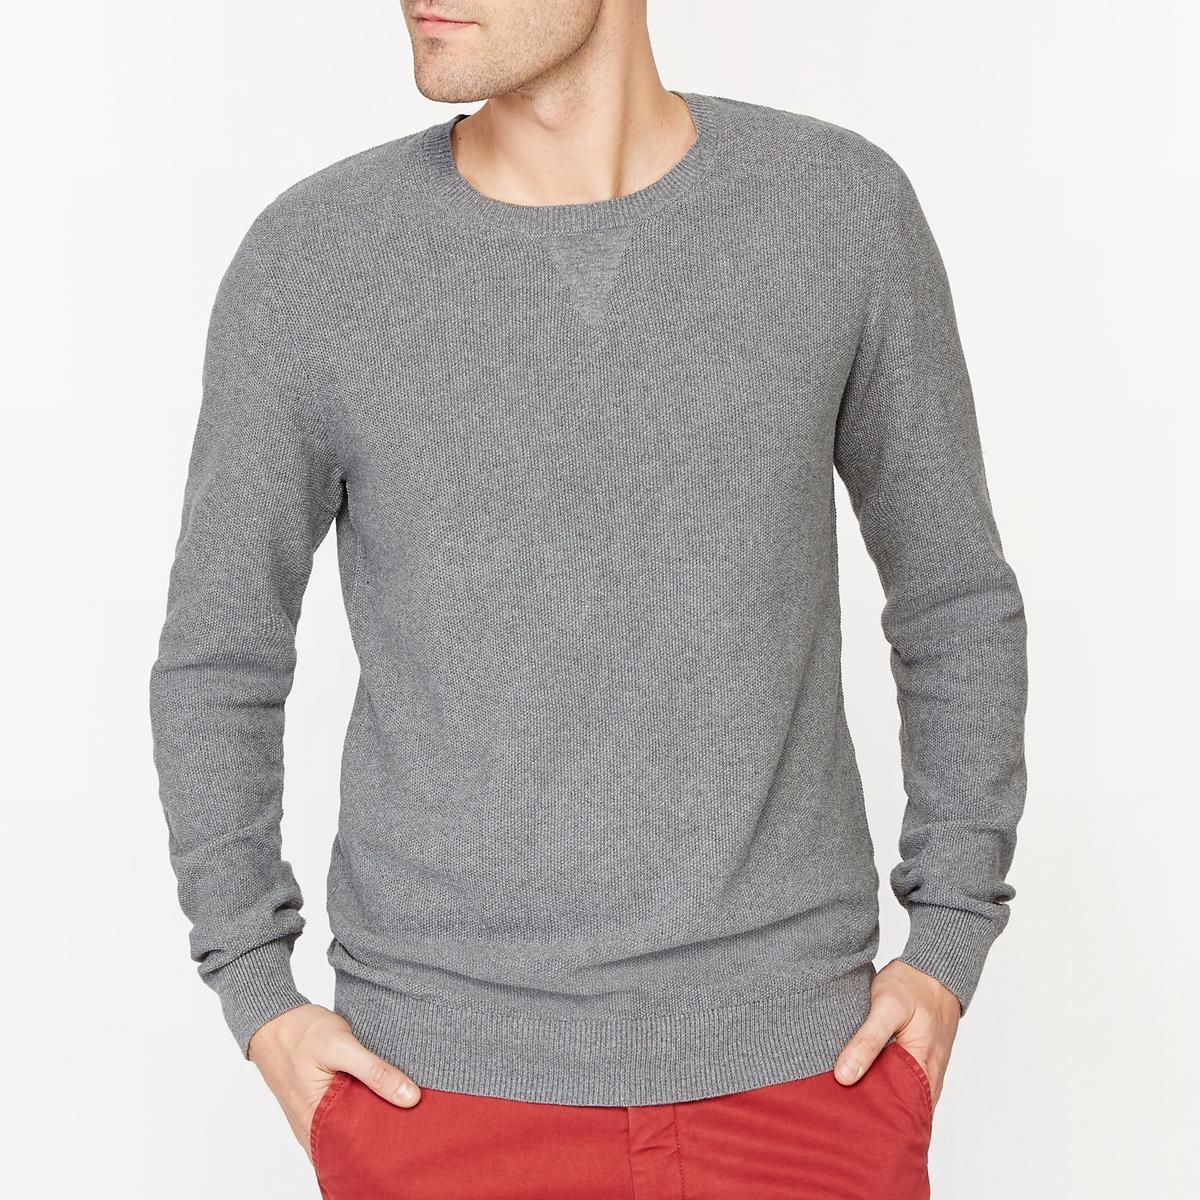 Пуловер с круглым вырезом из оригинального трикотажа, 100% хлопок